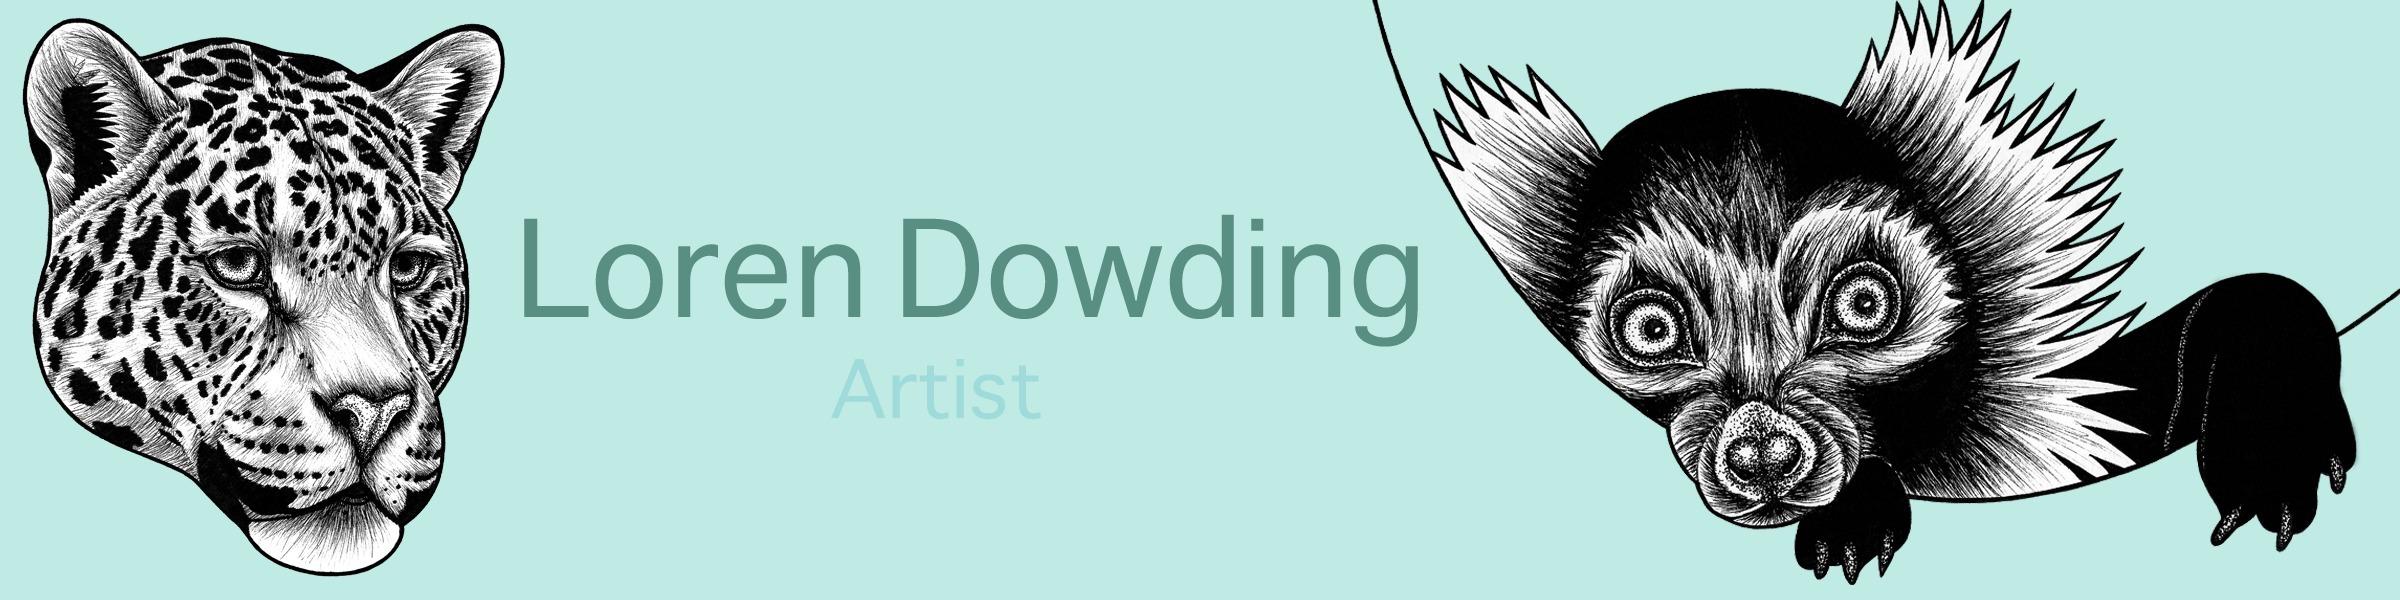 Loren Dowding (@lorendowding) Cover Image